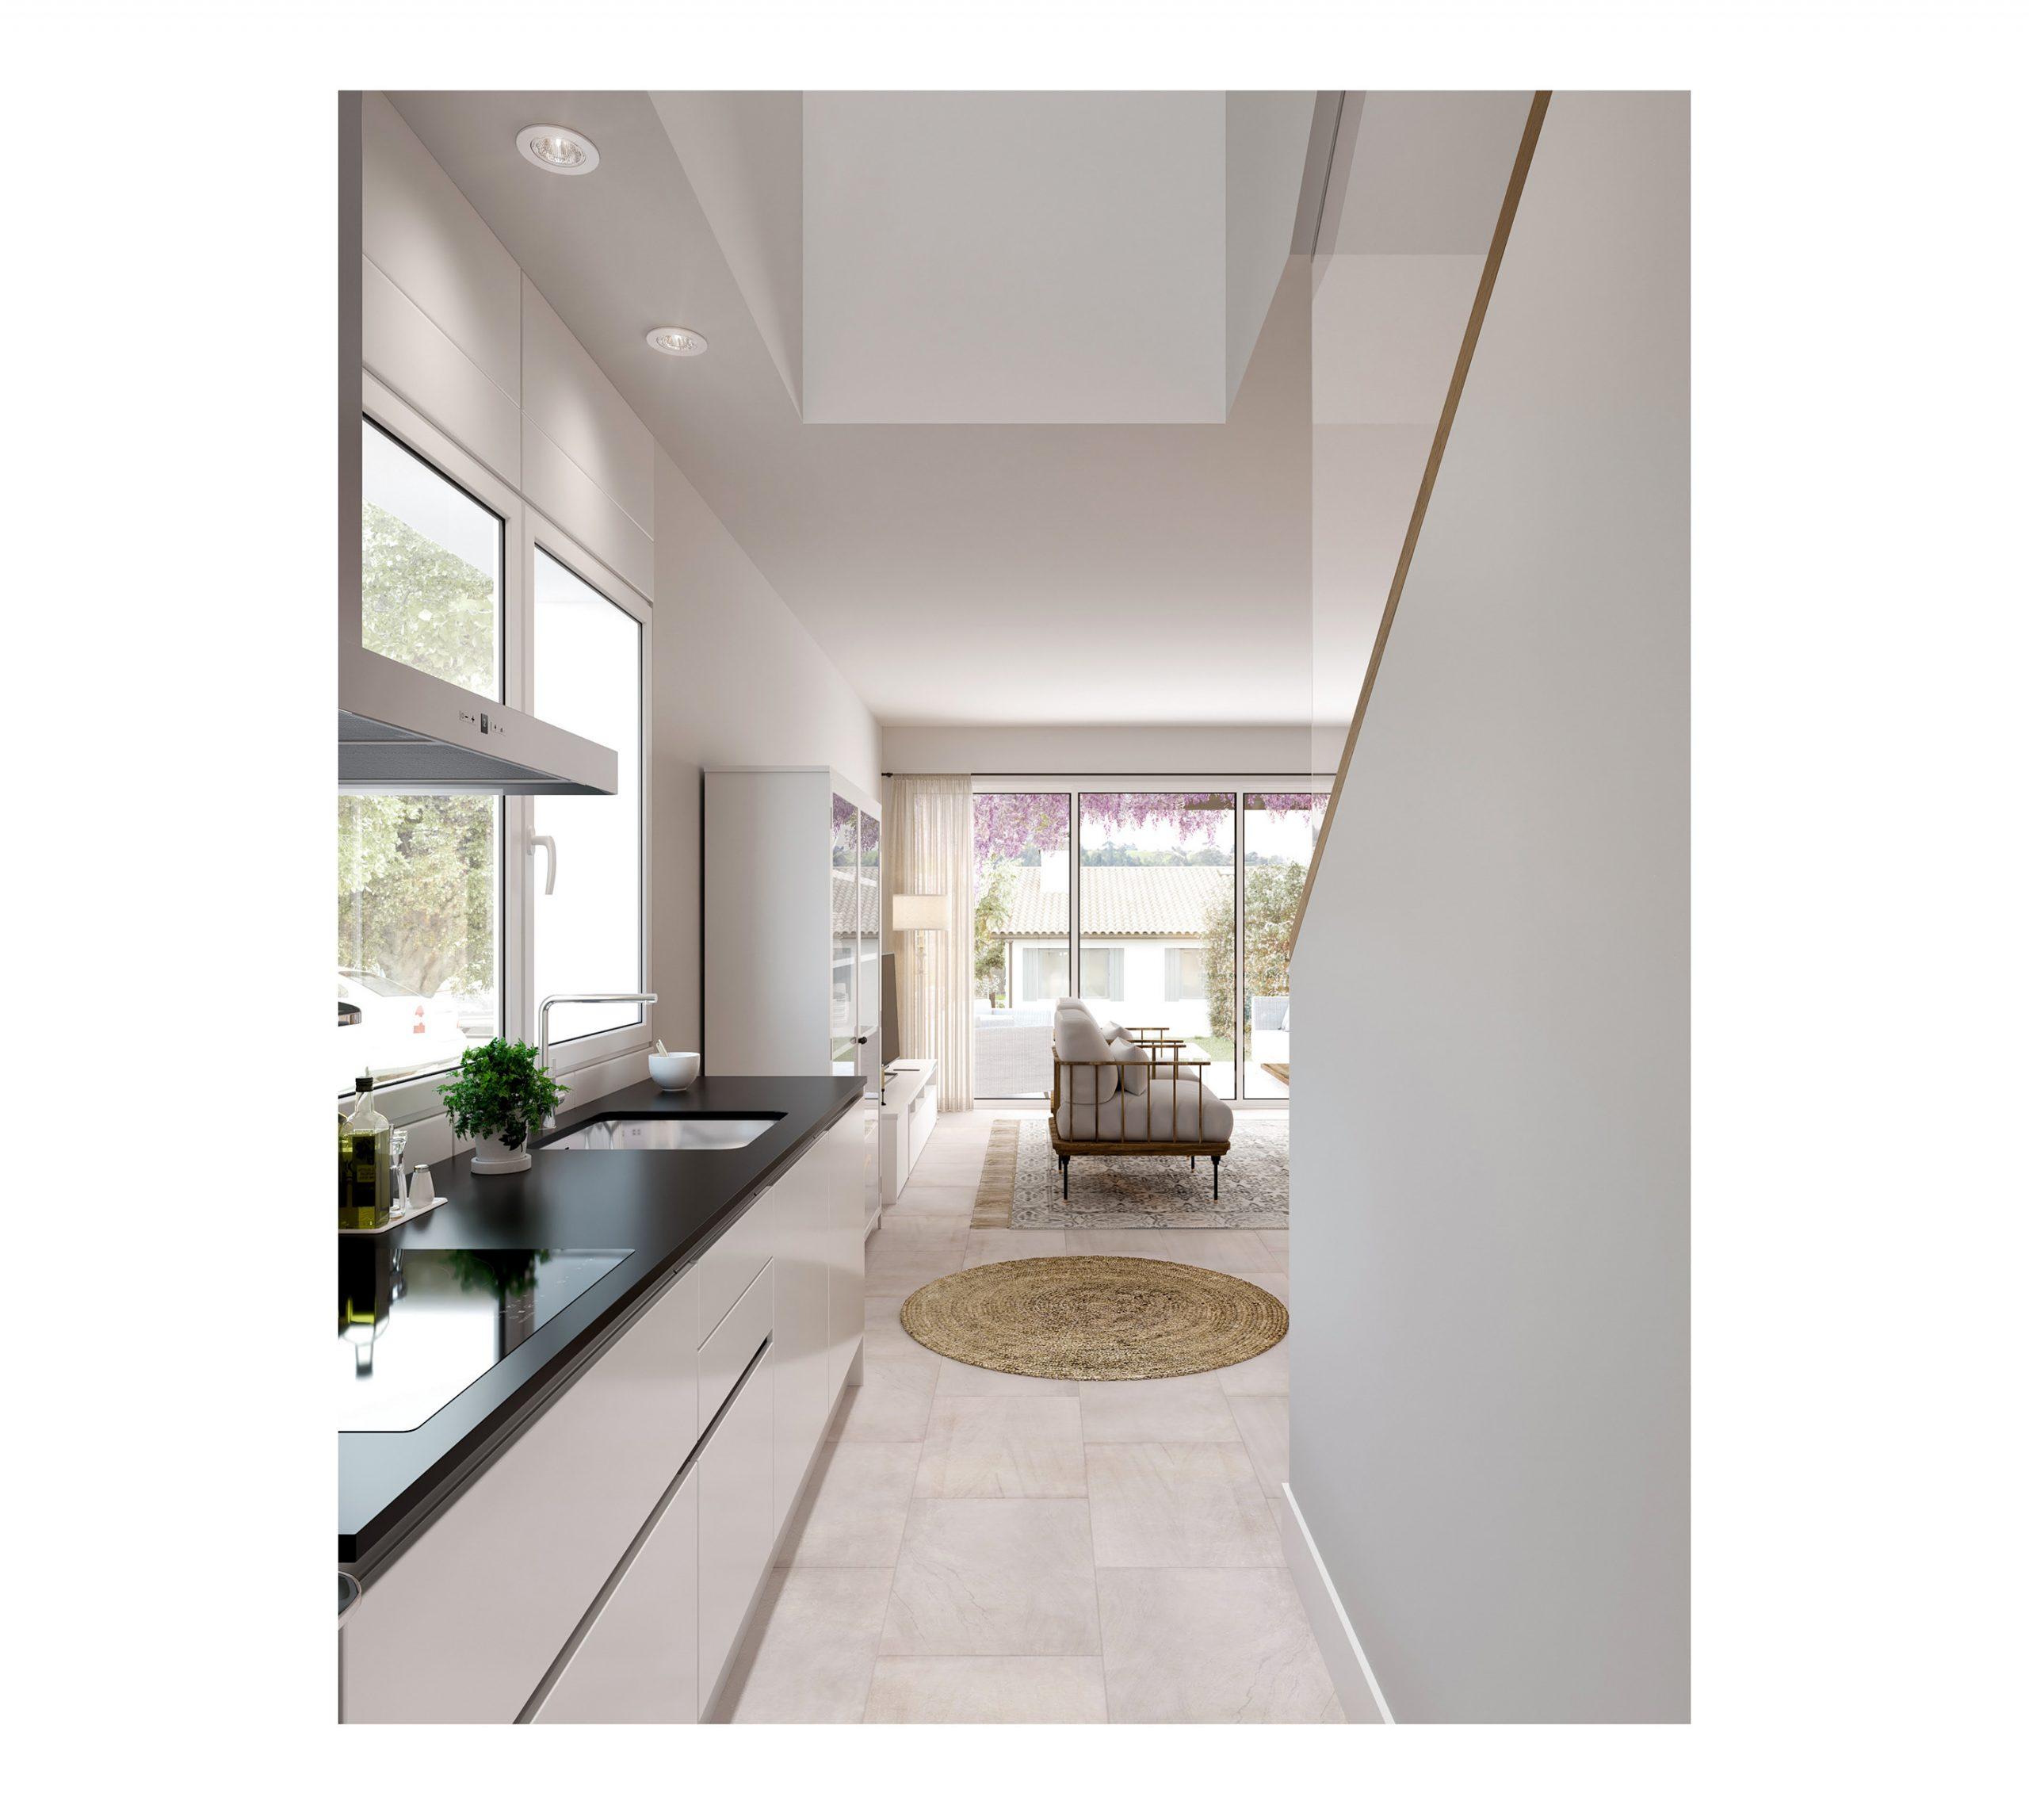 visualización arquitectónica de casa